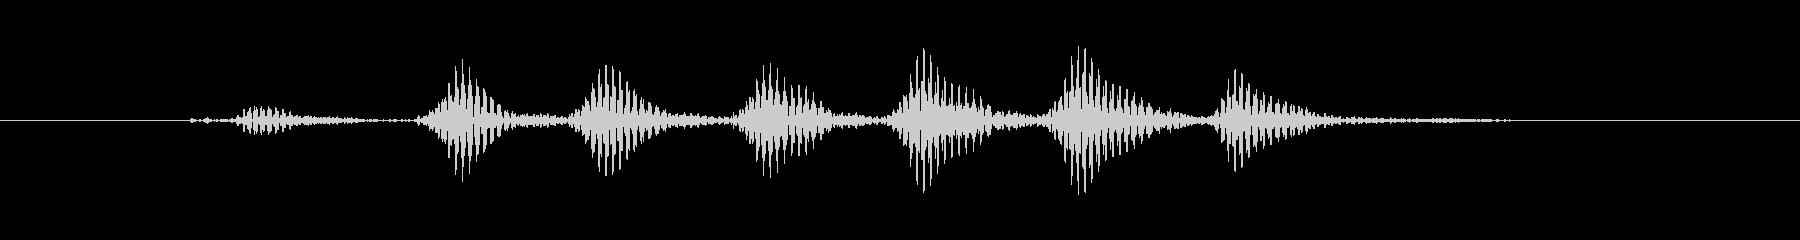 プルル(ラップで聞くような電話の声真似)の未再生の波形